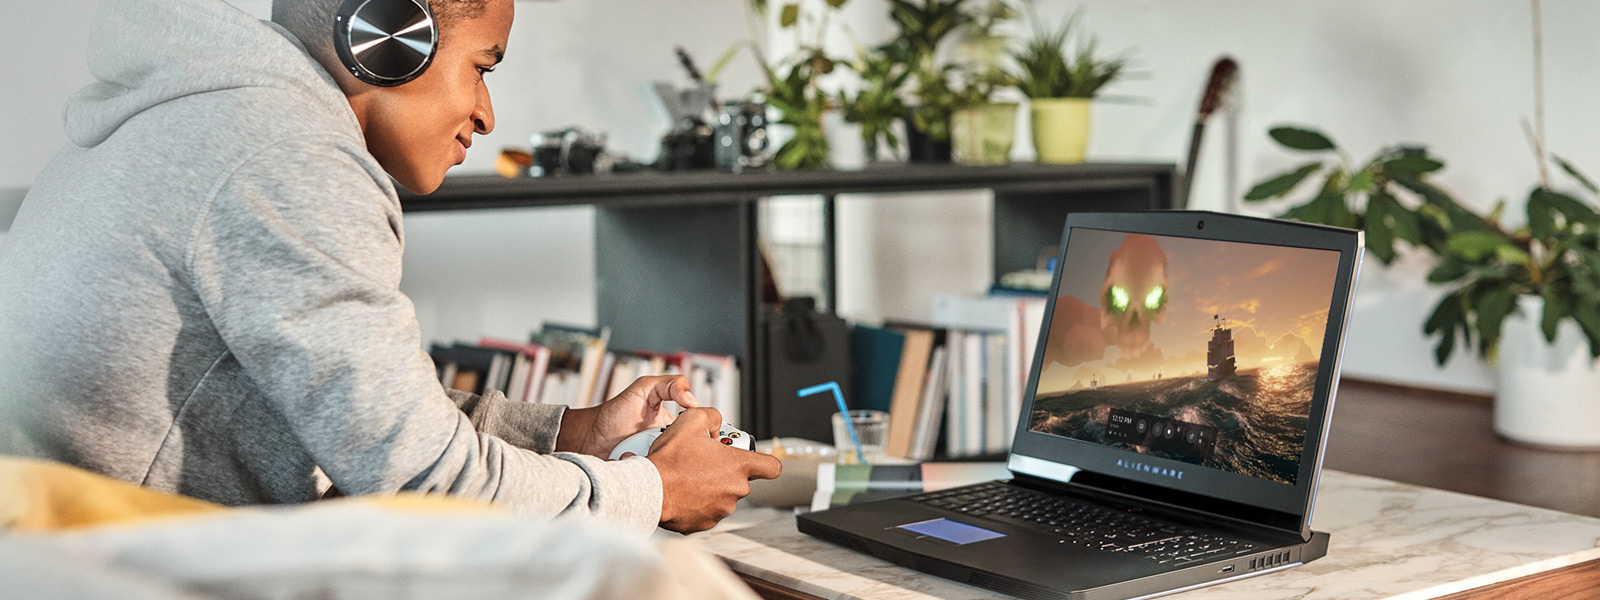 Мужчина в наушниках и с геймпадом Xbox в руках играет в игру Sea of Thieves на ноутбуке с Windows 10